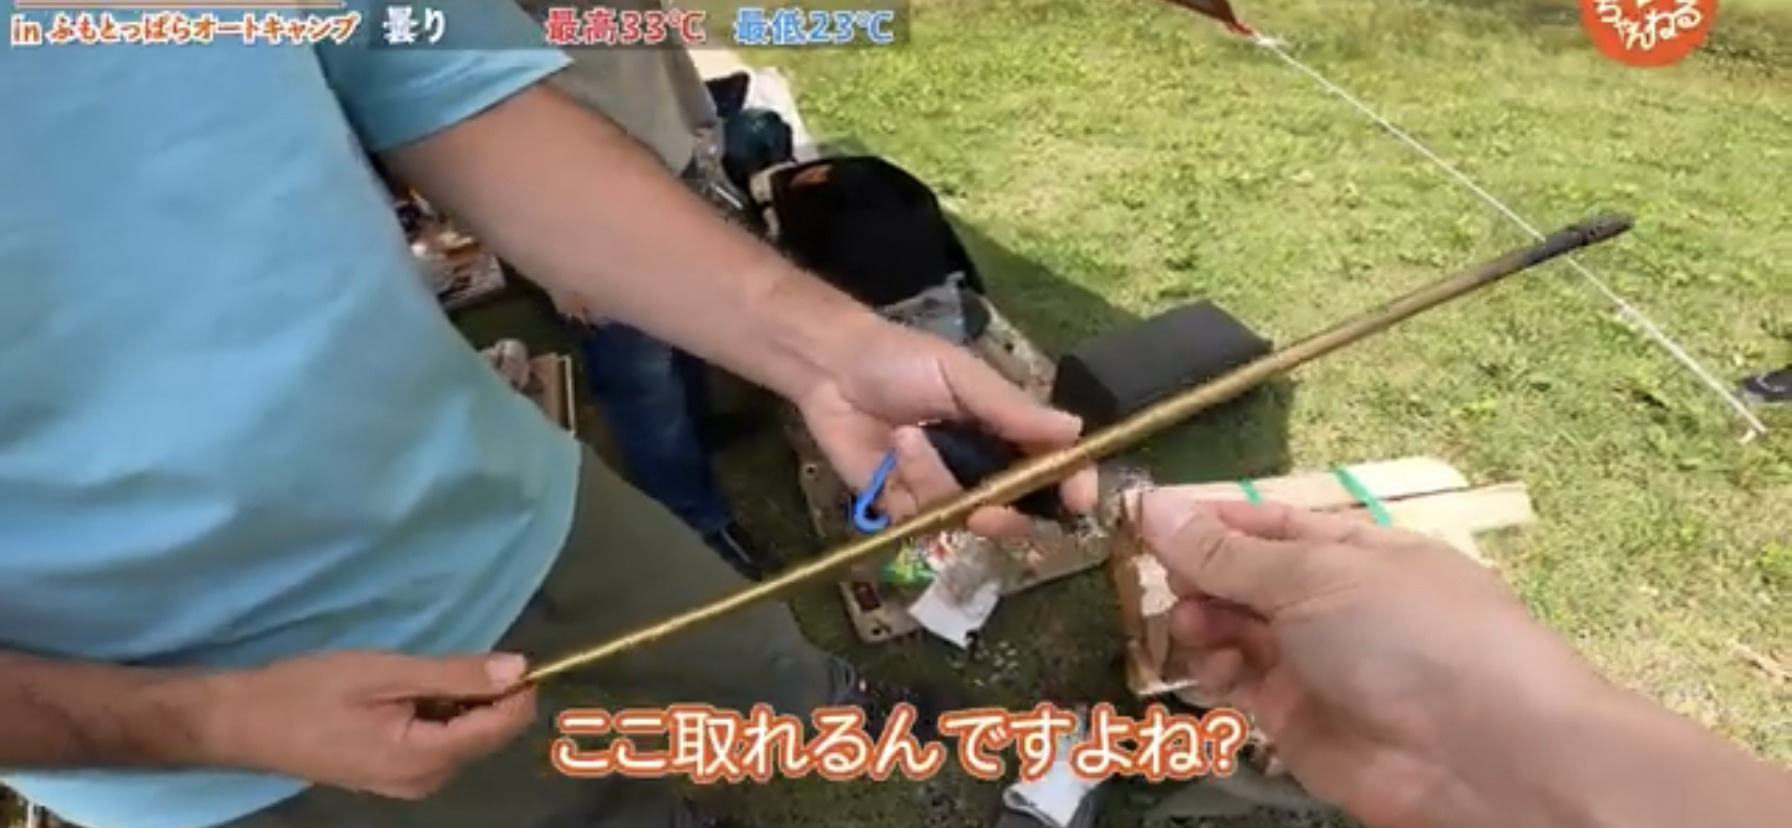 火吹き棒:【野良道具製作所】ALL真鍮製火吹き棒  野良ブラスター